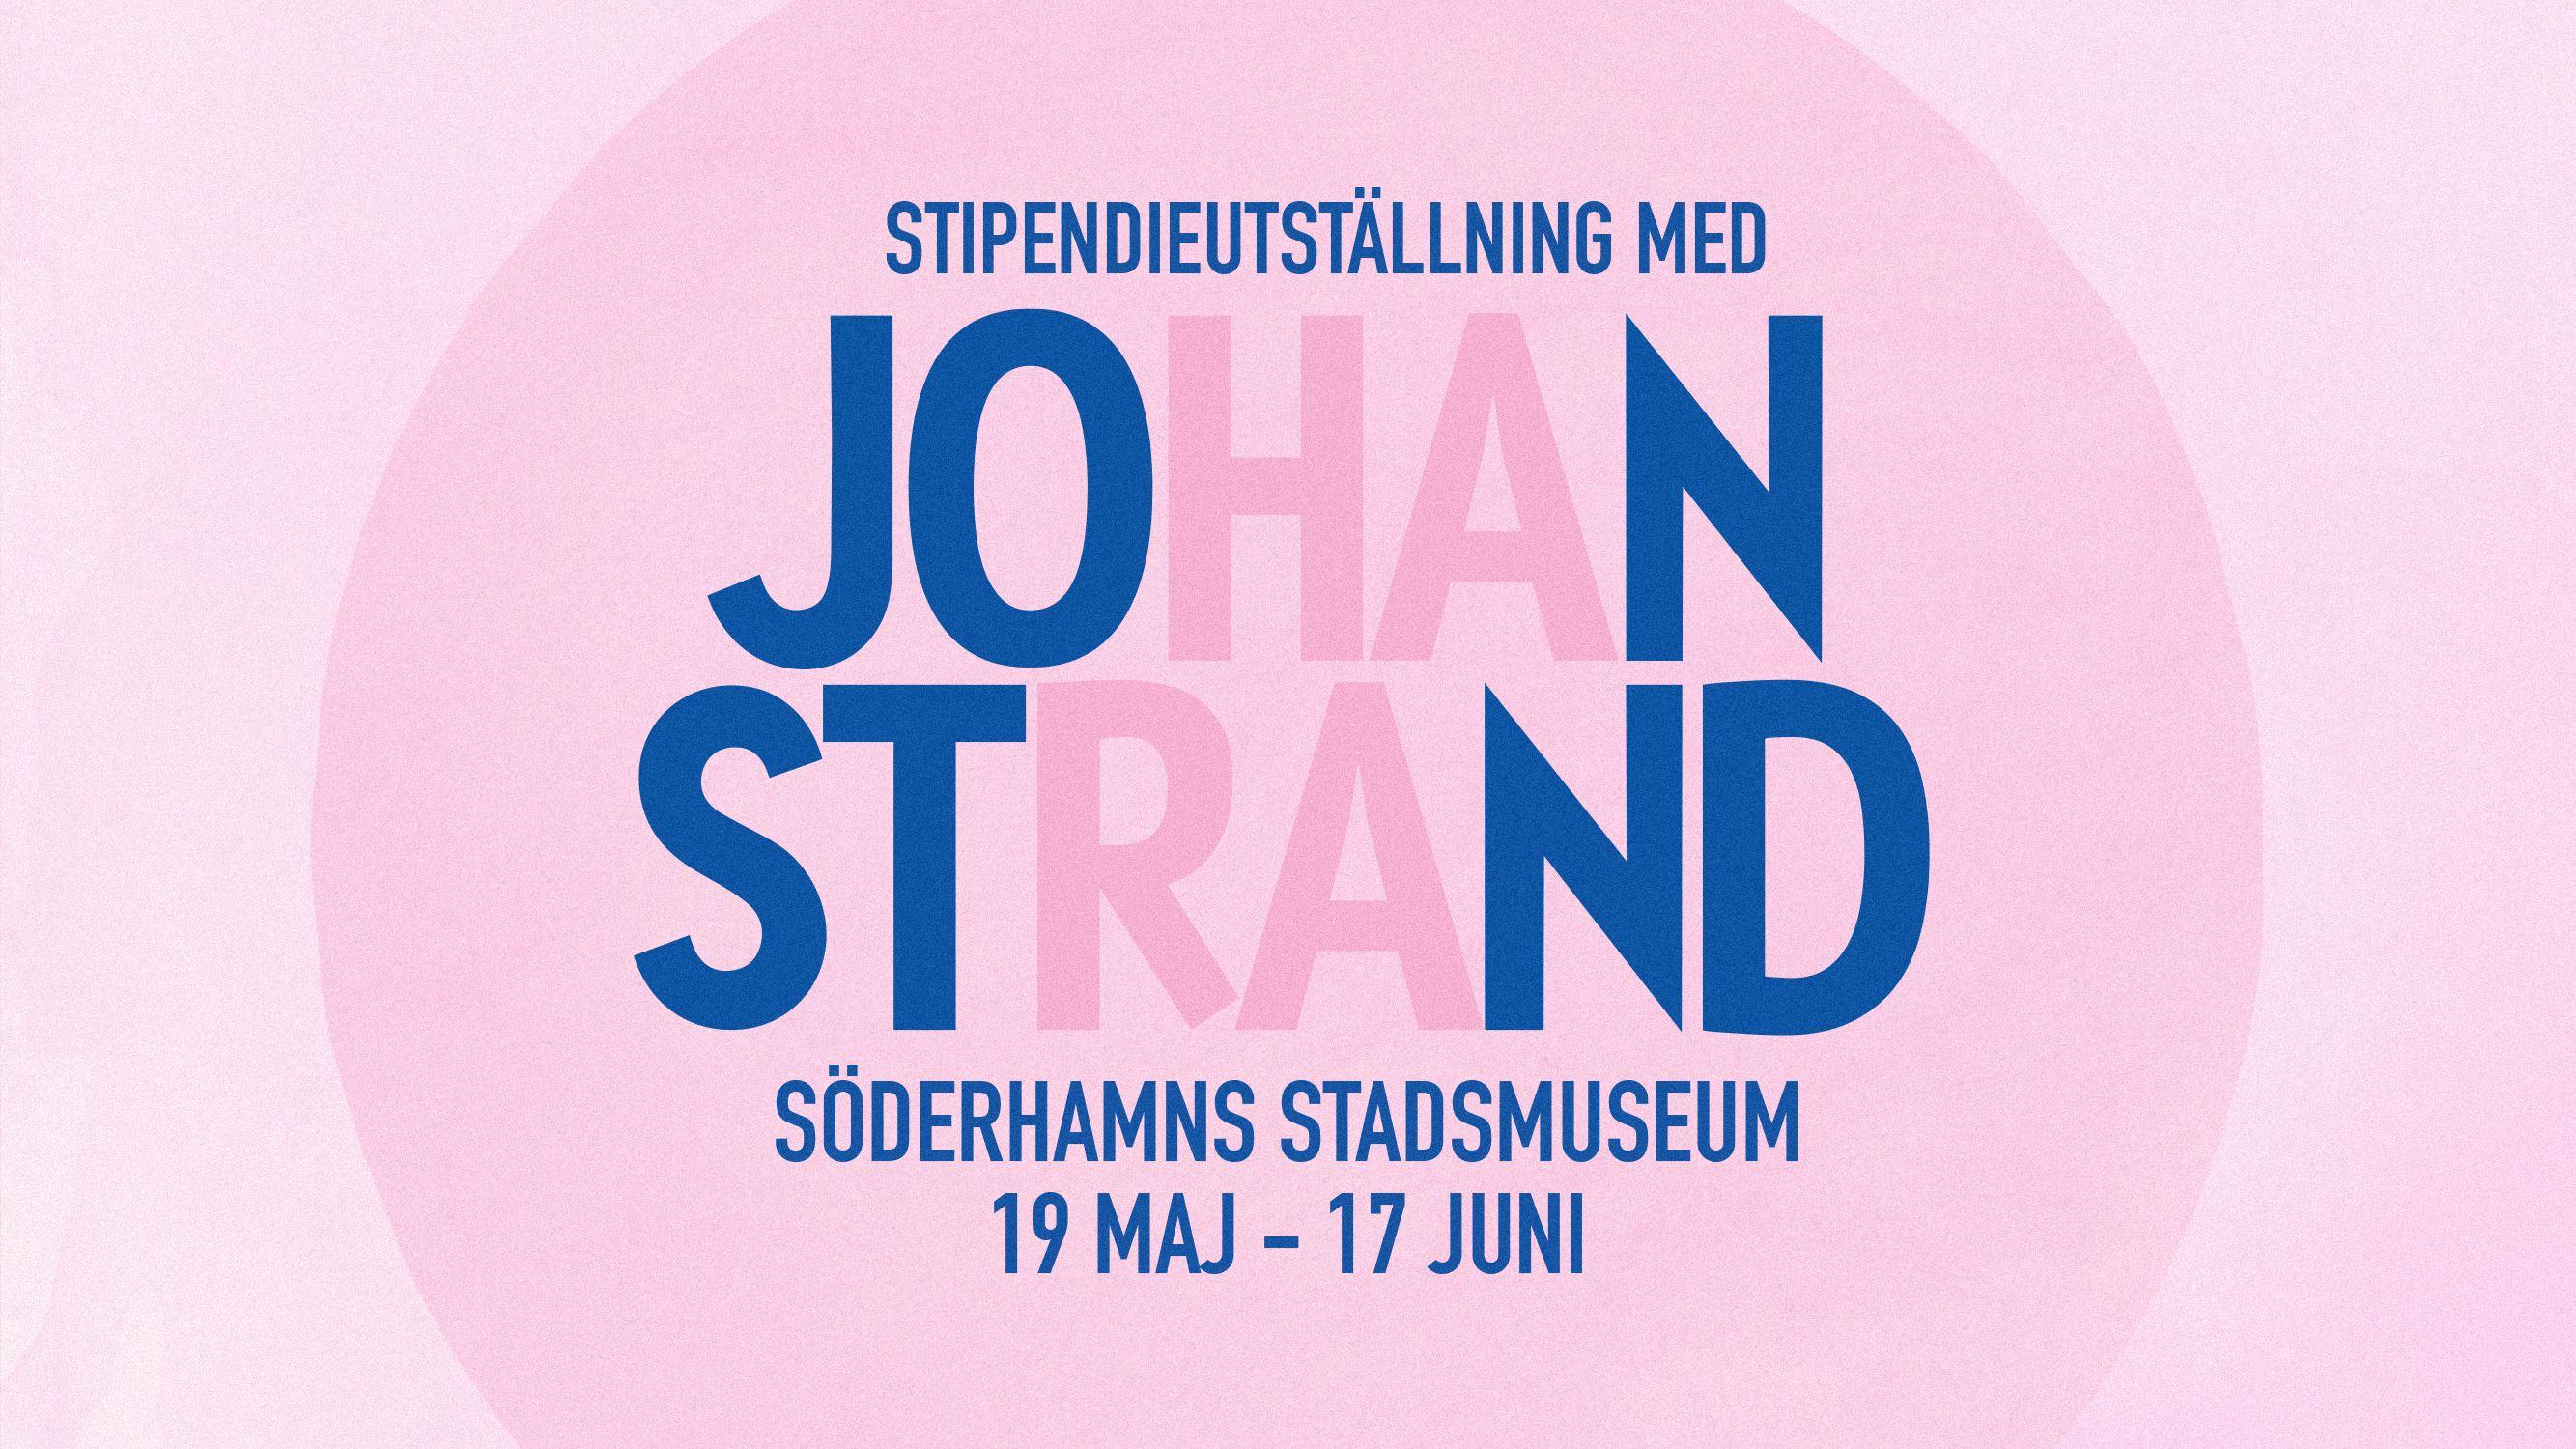 Stipendieutställning med Johan Strand